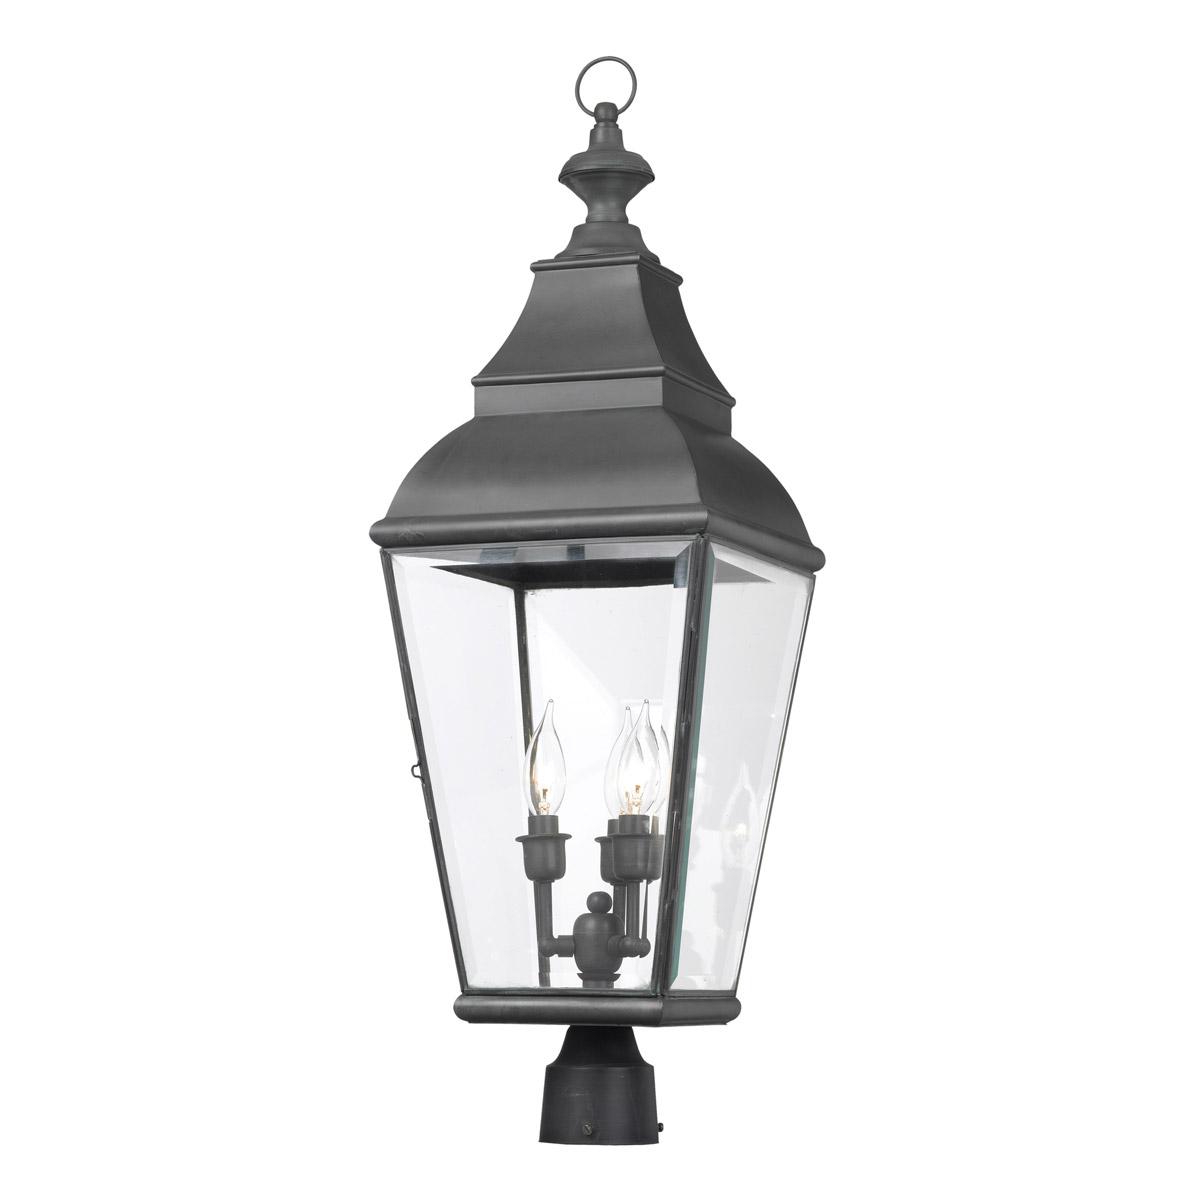 ELK Lighting Bristol 5217 Outdoor Light Fixtures Brooklyn,New York- Accentuations Brand